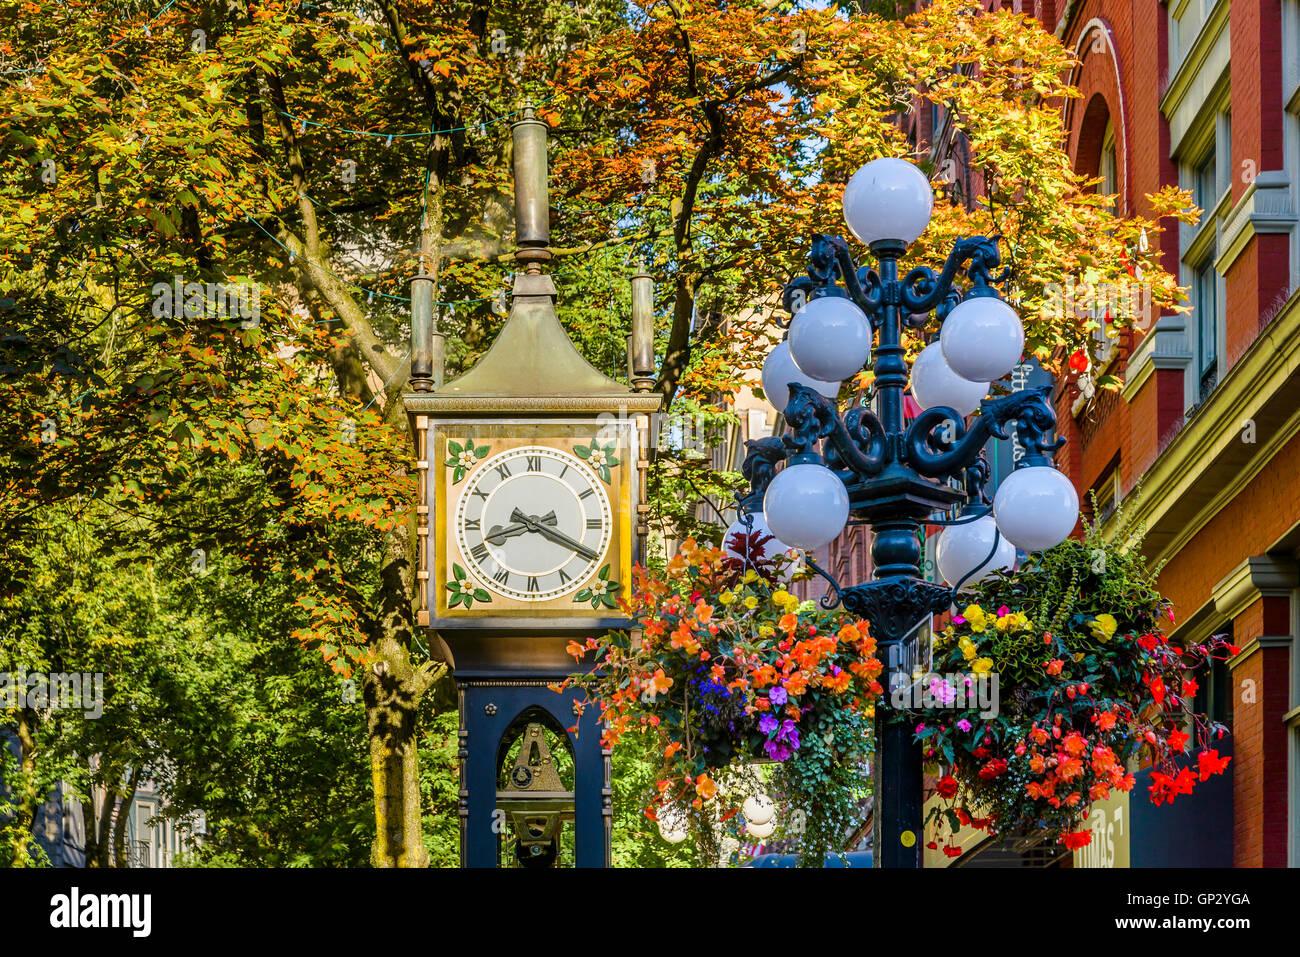 El reloj de vapor, Gastown, Vancouver, British Columbia, Canadá Imagen De Stock